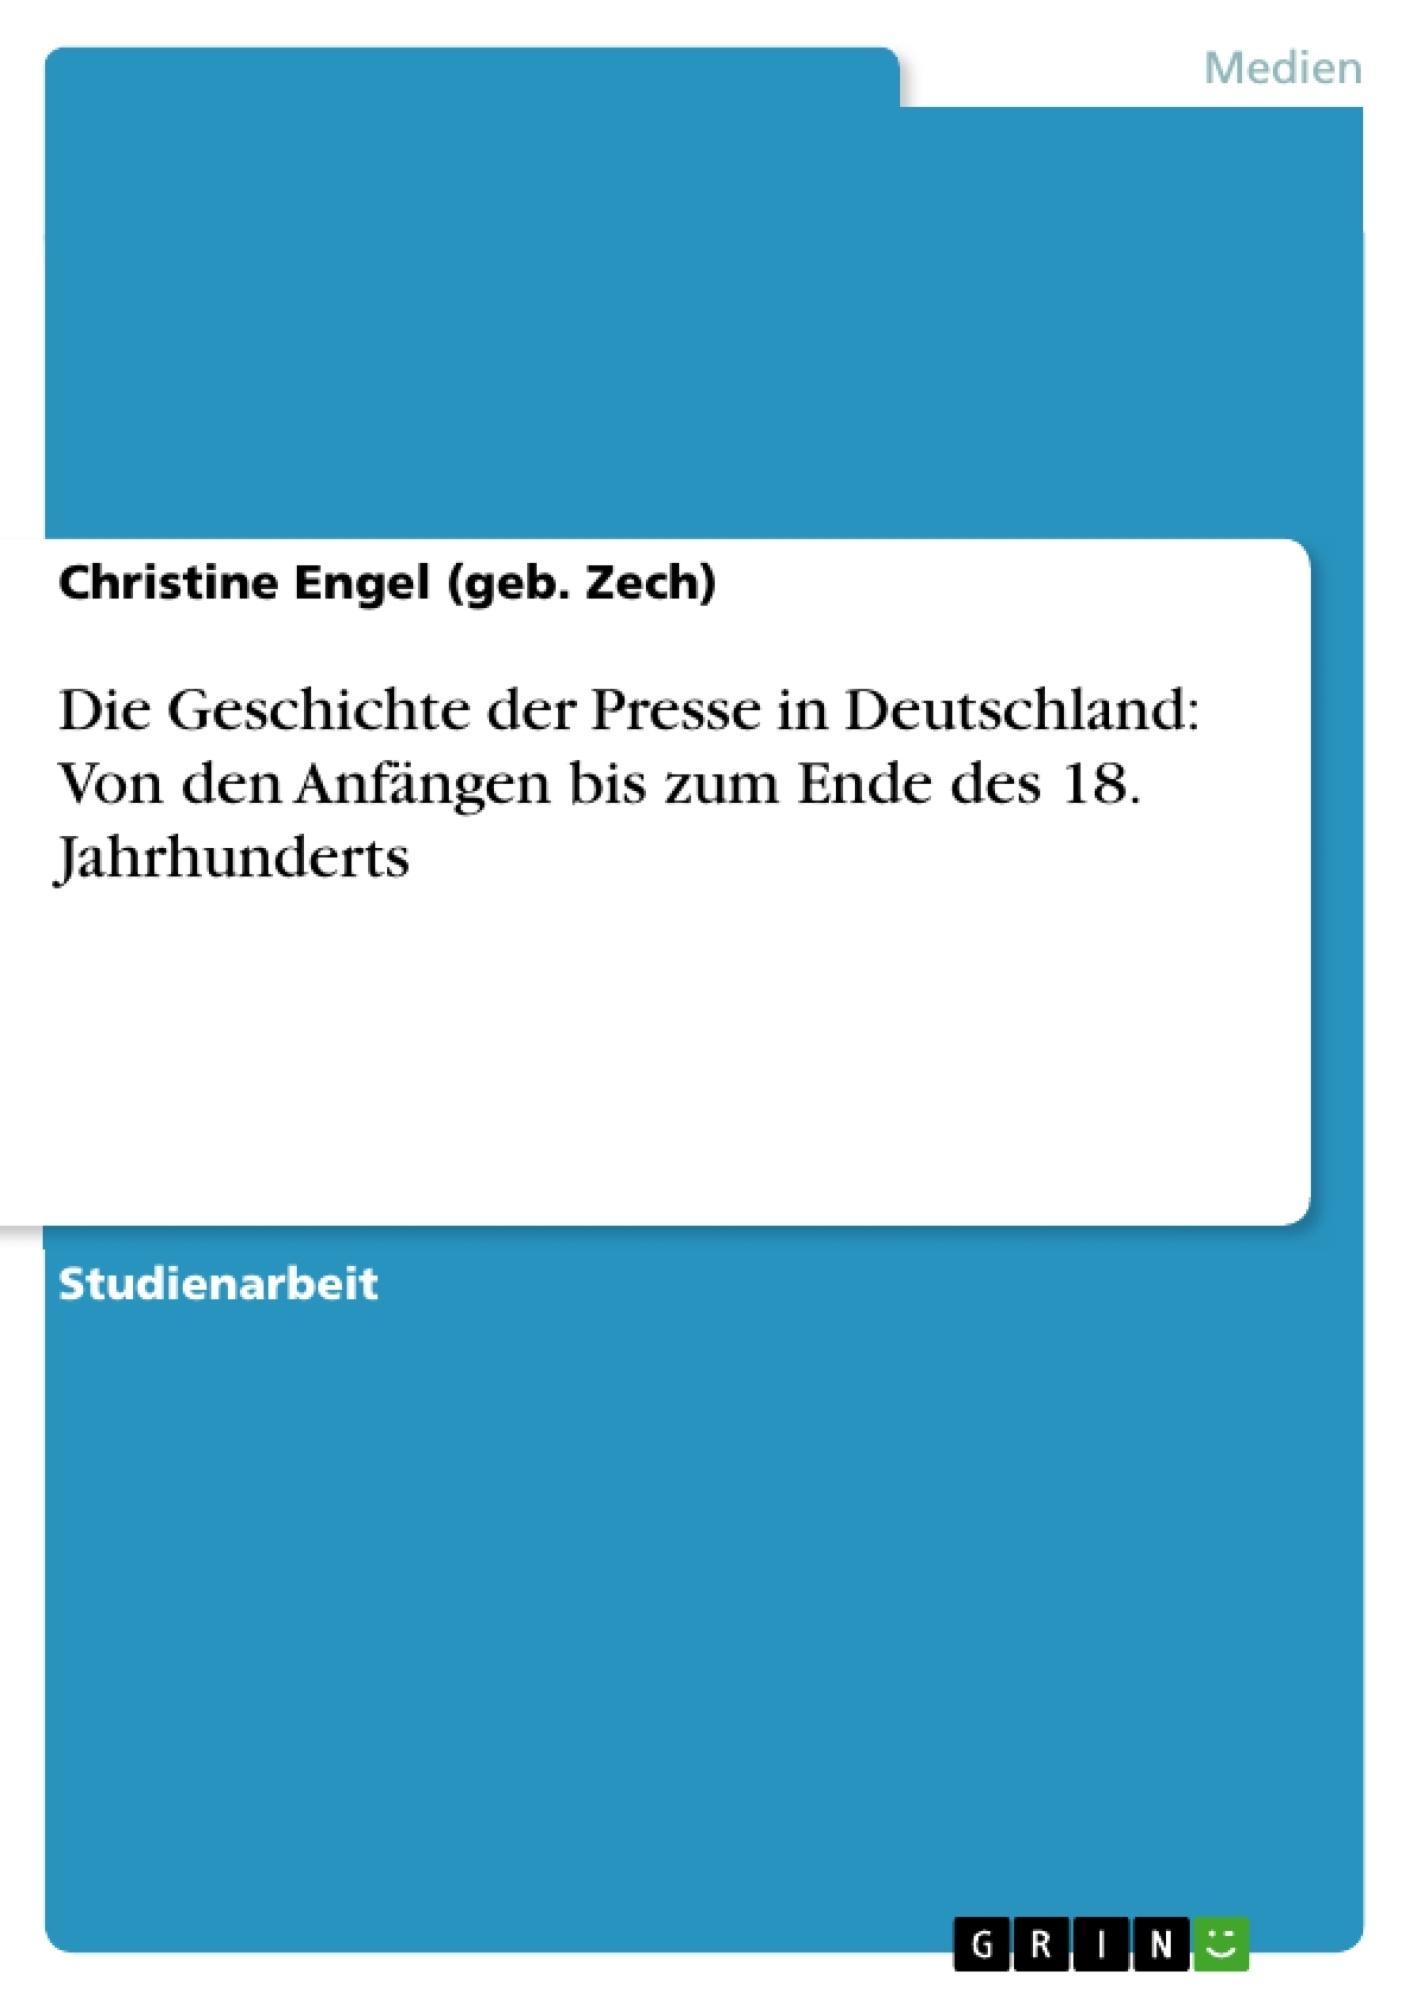 Titel: Die Geschichte der Presse in Deutschland: Von den Anfängen bis zum Ende des 18. Jahrhunderts